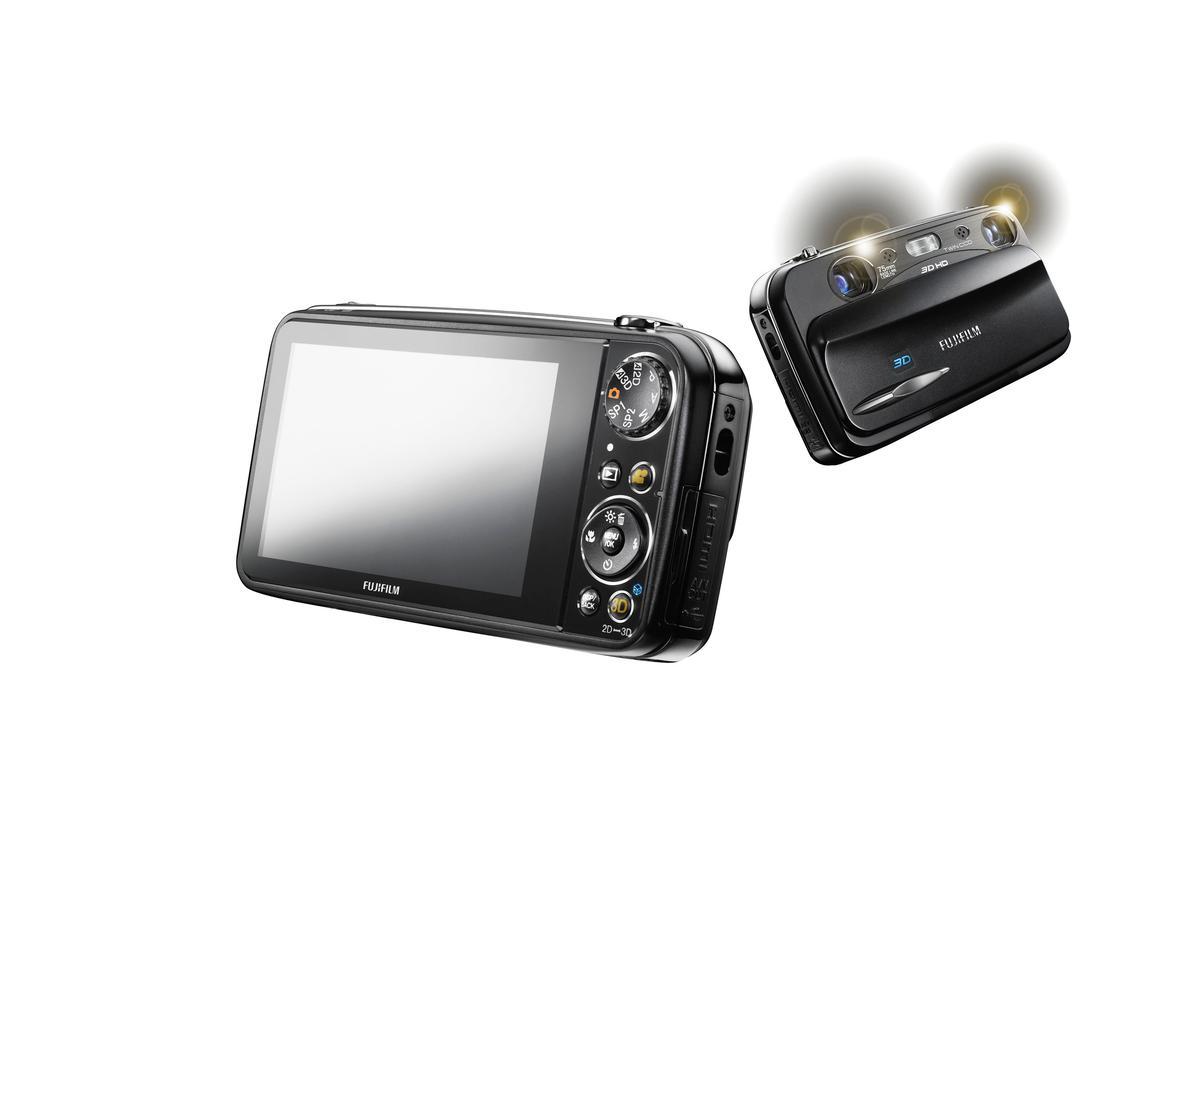 Fujifilm's new Finepix REAL 3D W3